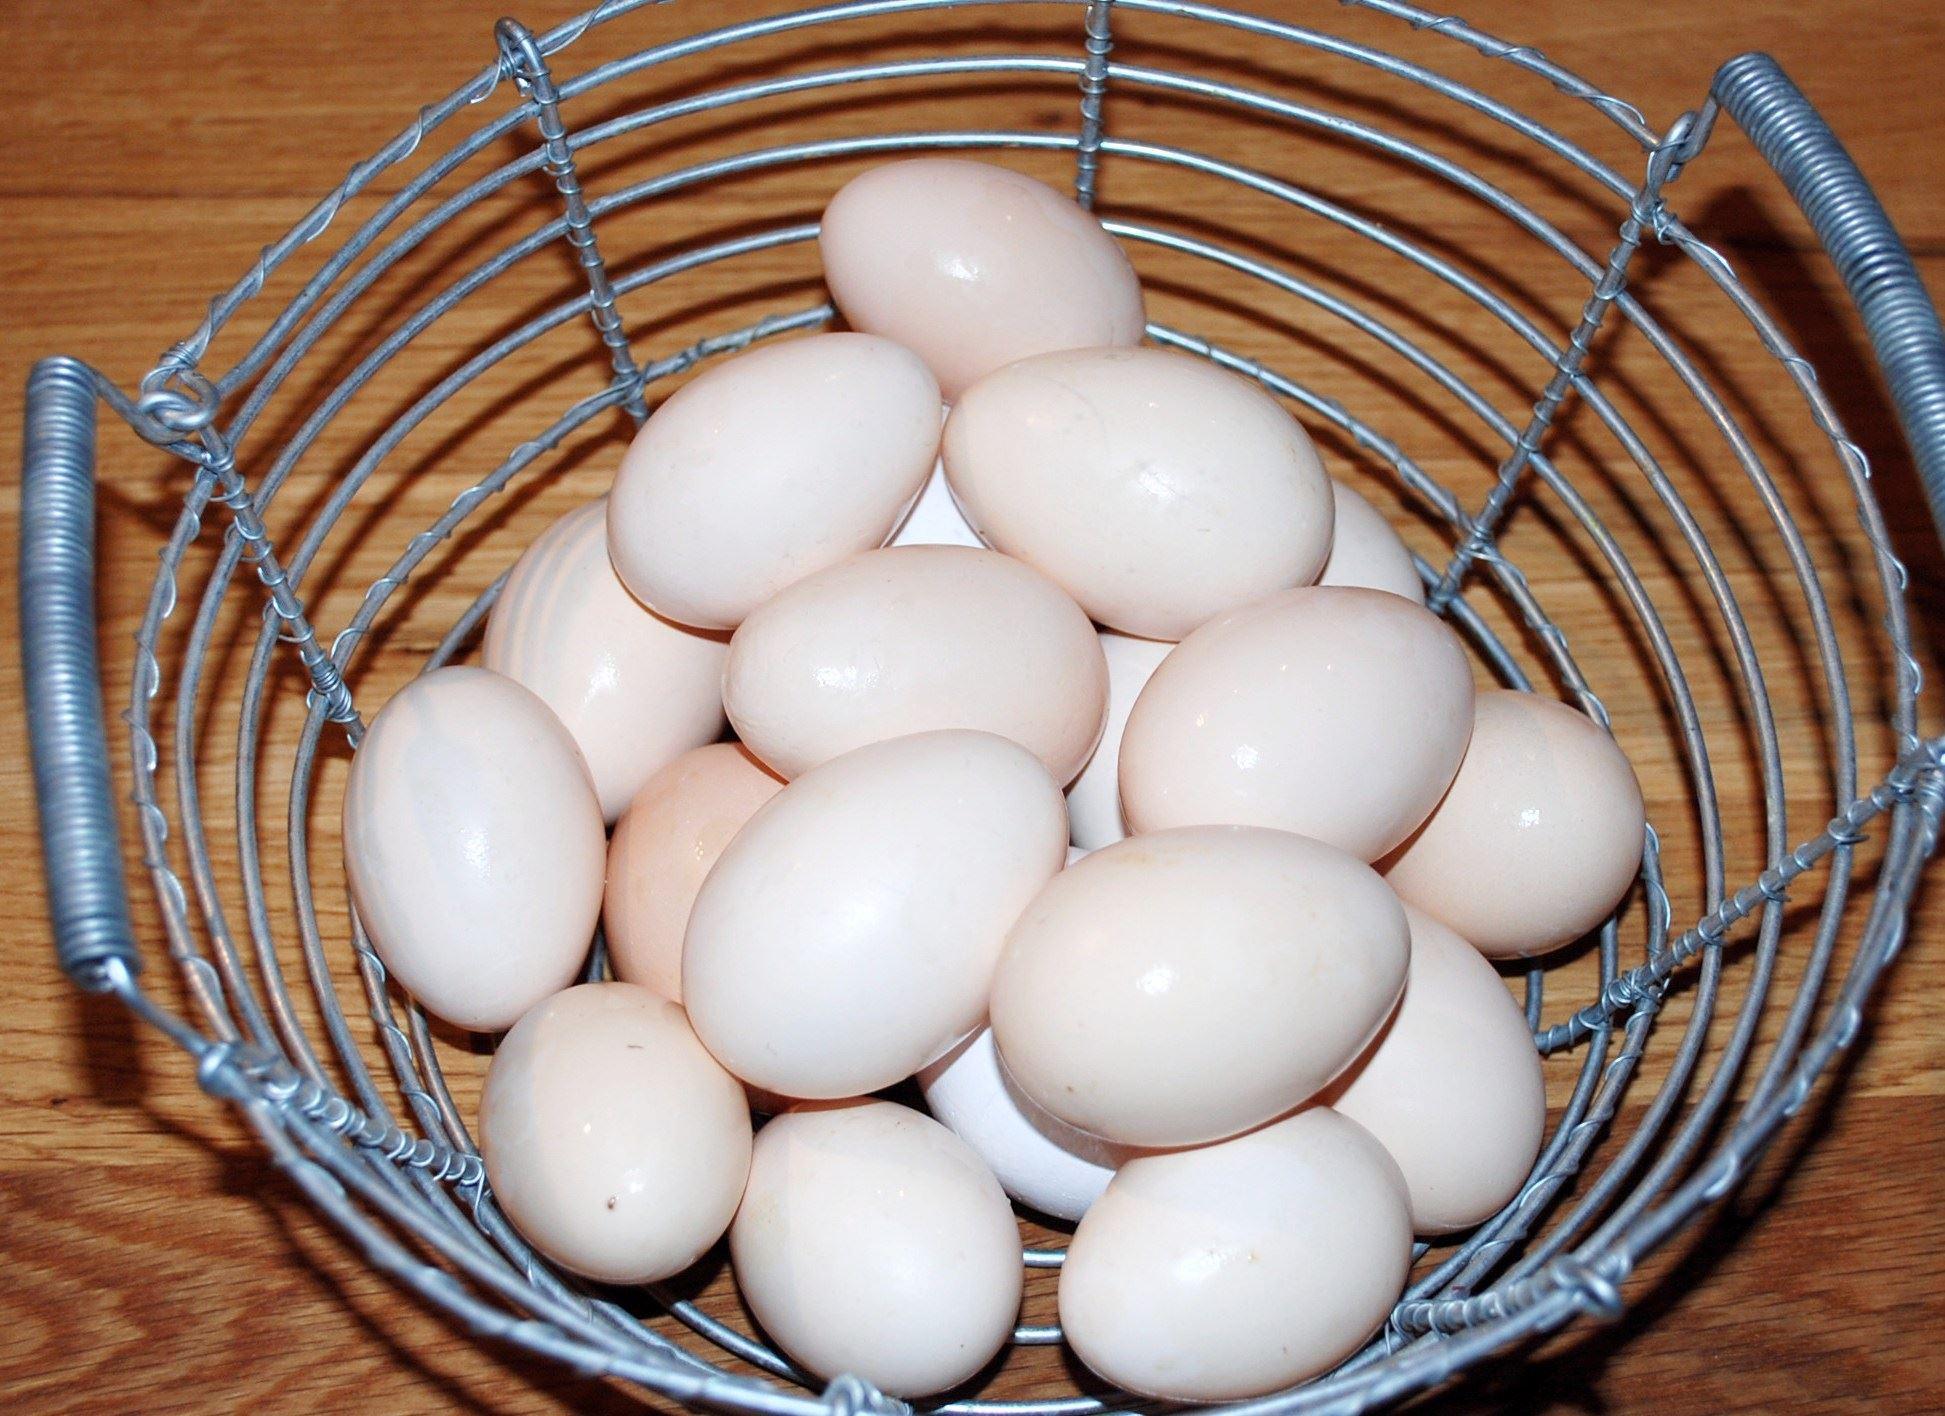 Stefanie Busam Golay , Ägg från gården